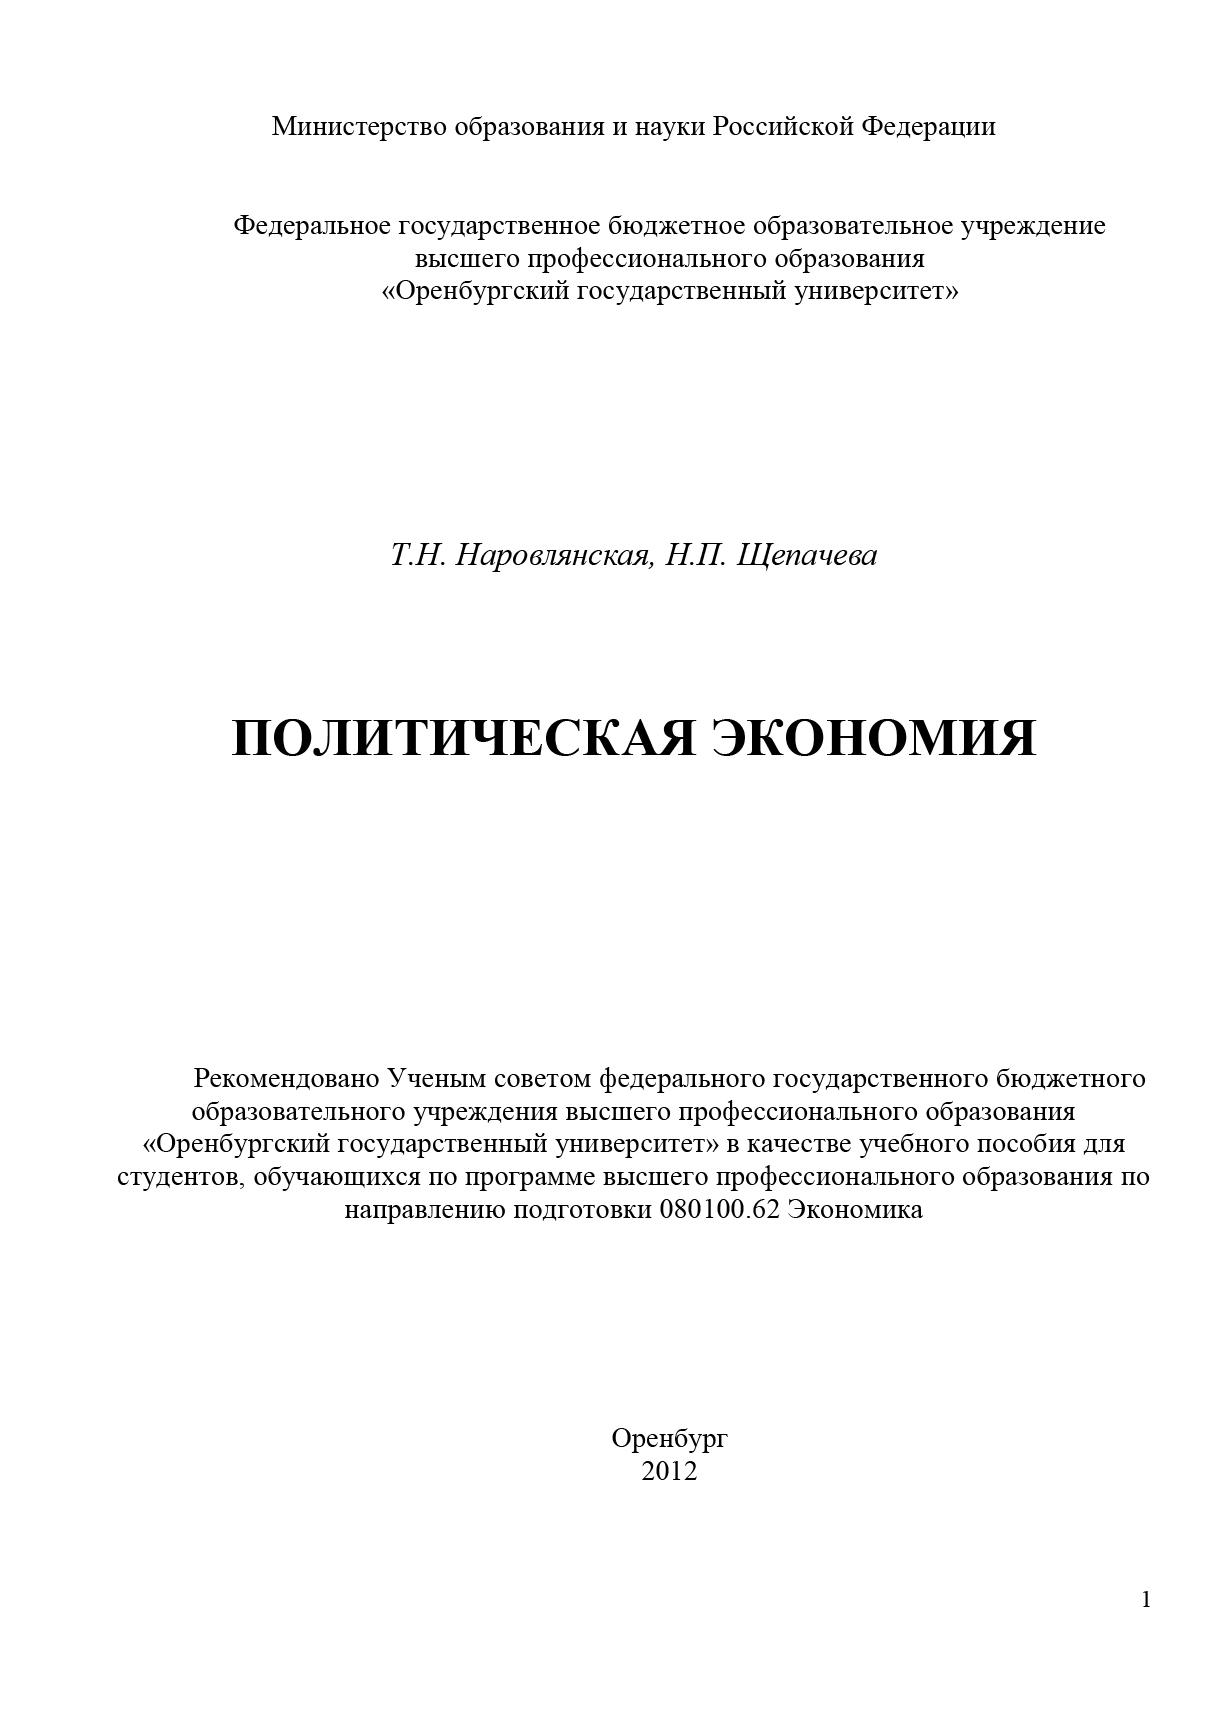 Т. Н. Наровлянская Политическая экономия